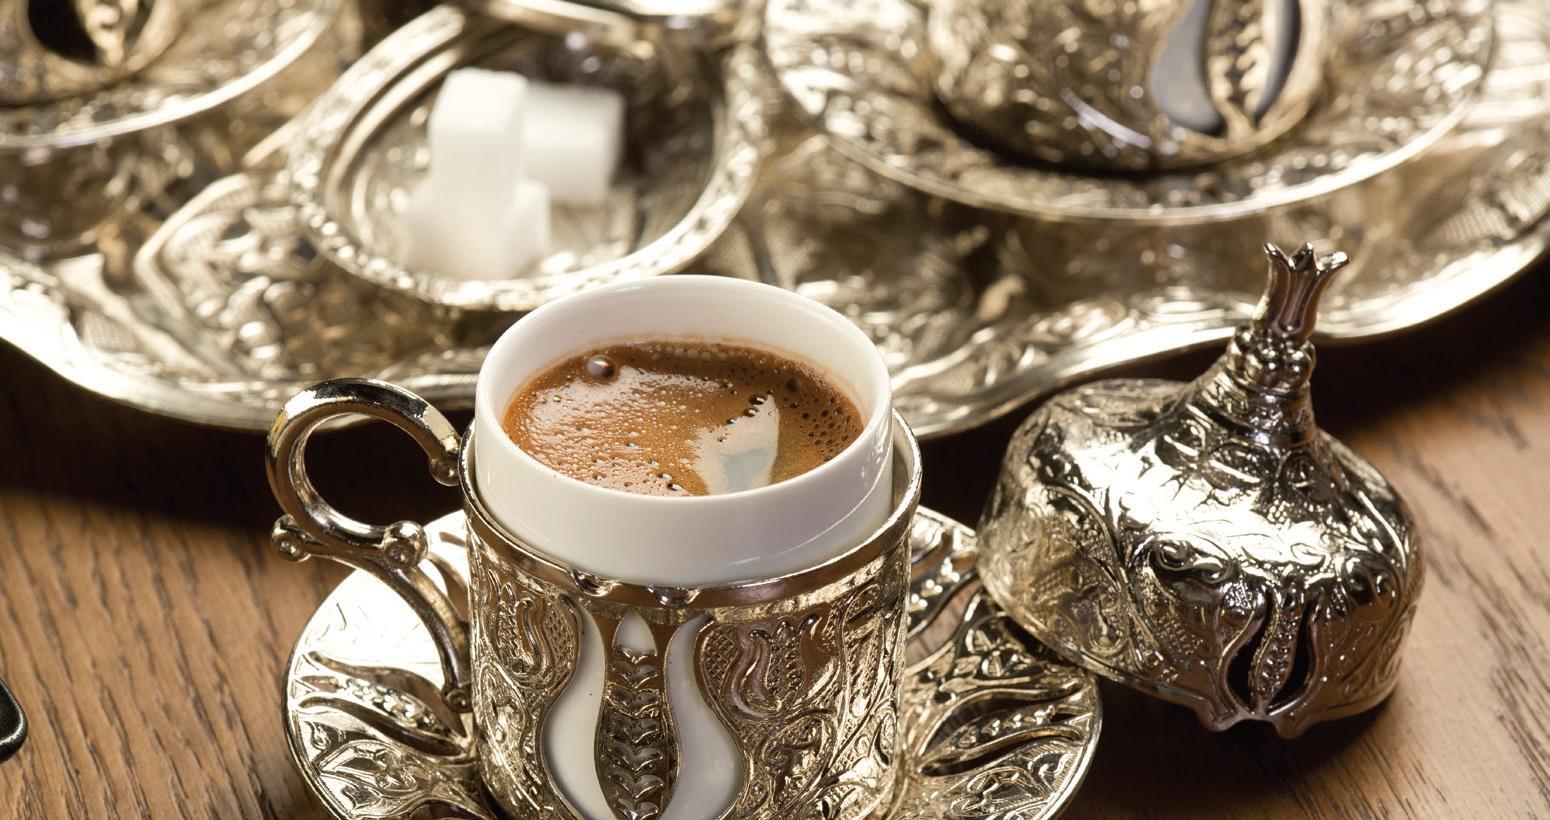 Tradicinė turkiška kava čia patiekiama autentiškuose puodeliuose